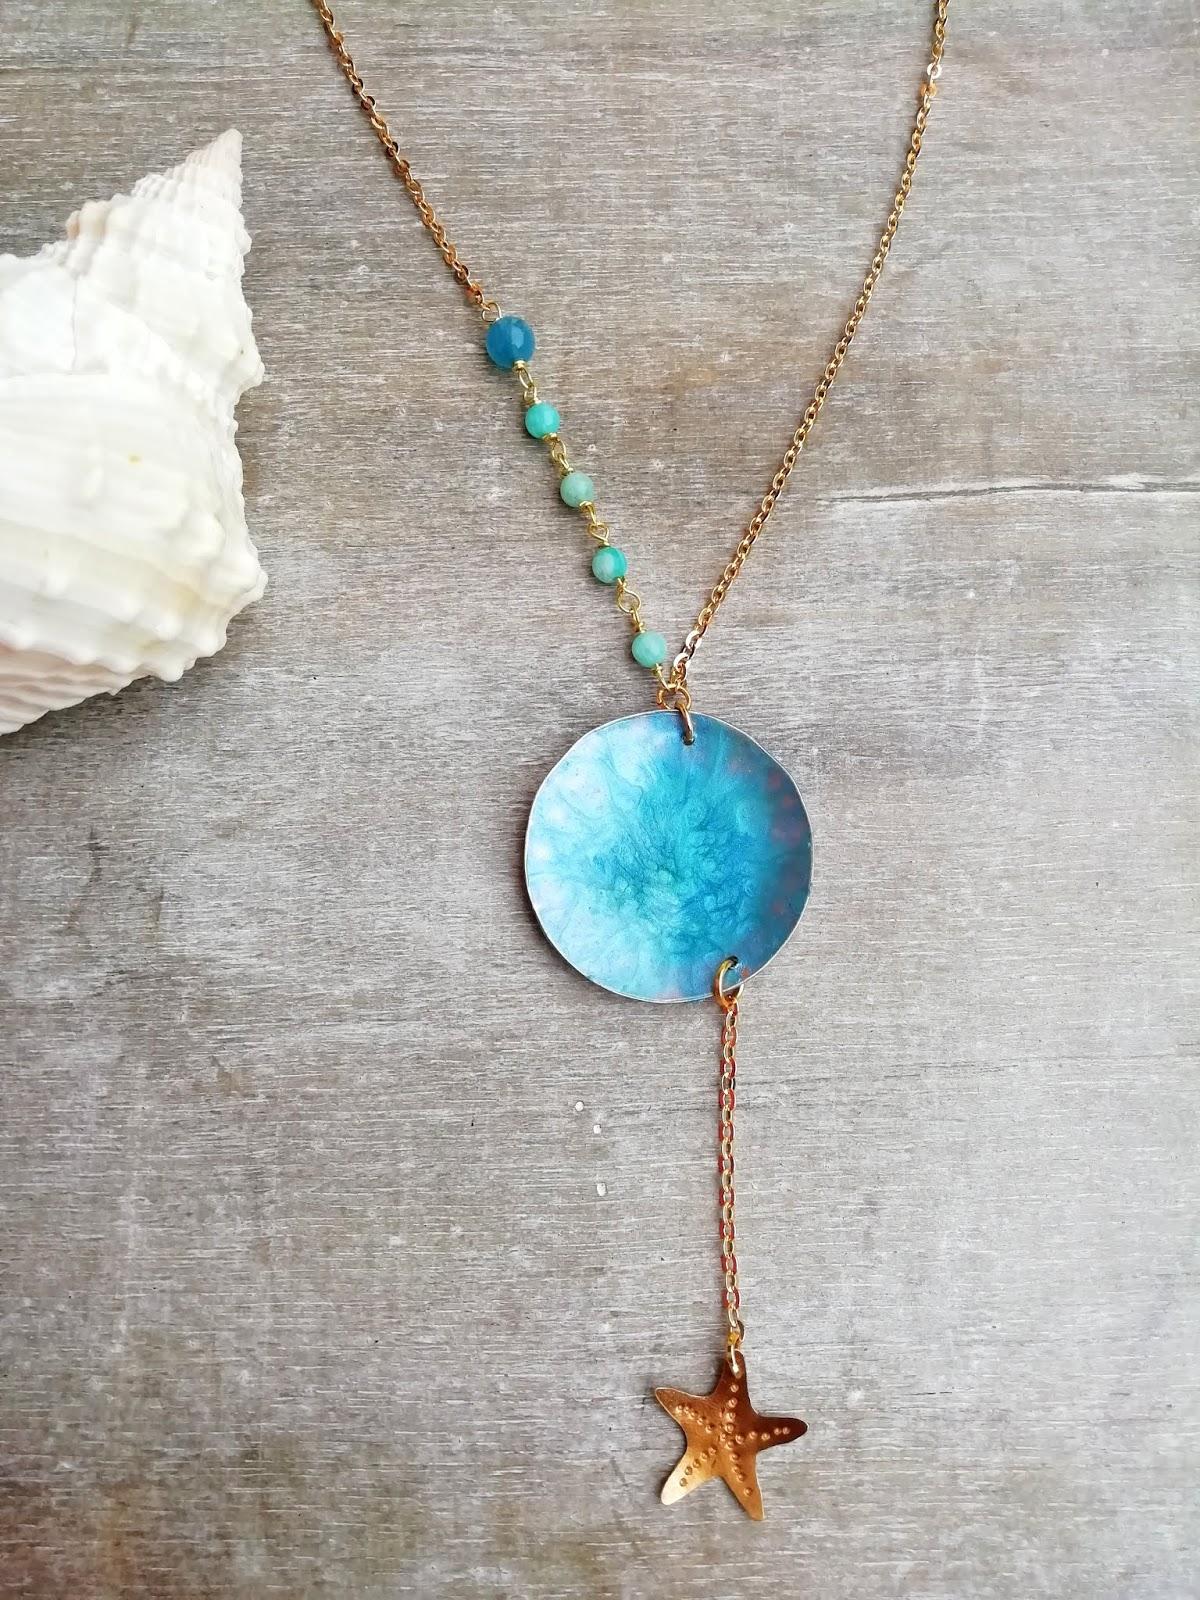 più vicino a tecniche moderne miglior fornitore Indossare bijoux in spiaggia